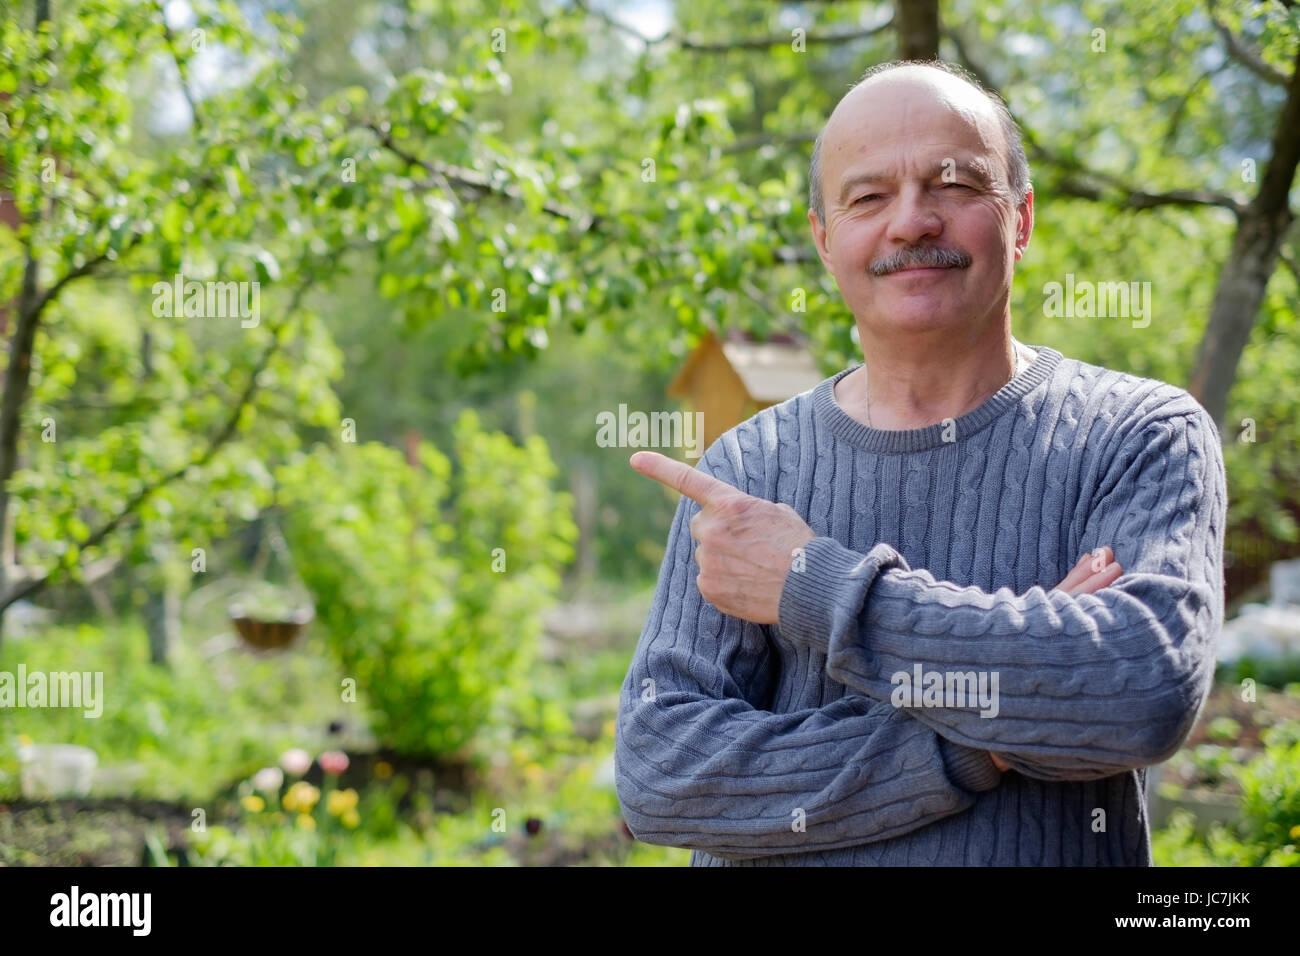 Young en jardin près de apple tree en campagne. Il montre l'index de côté. Photo Stock